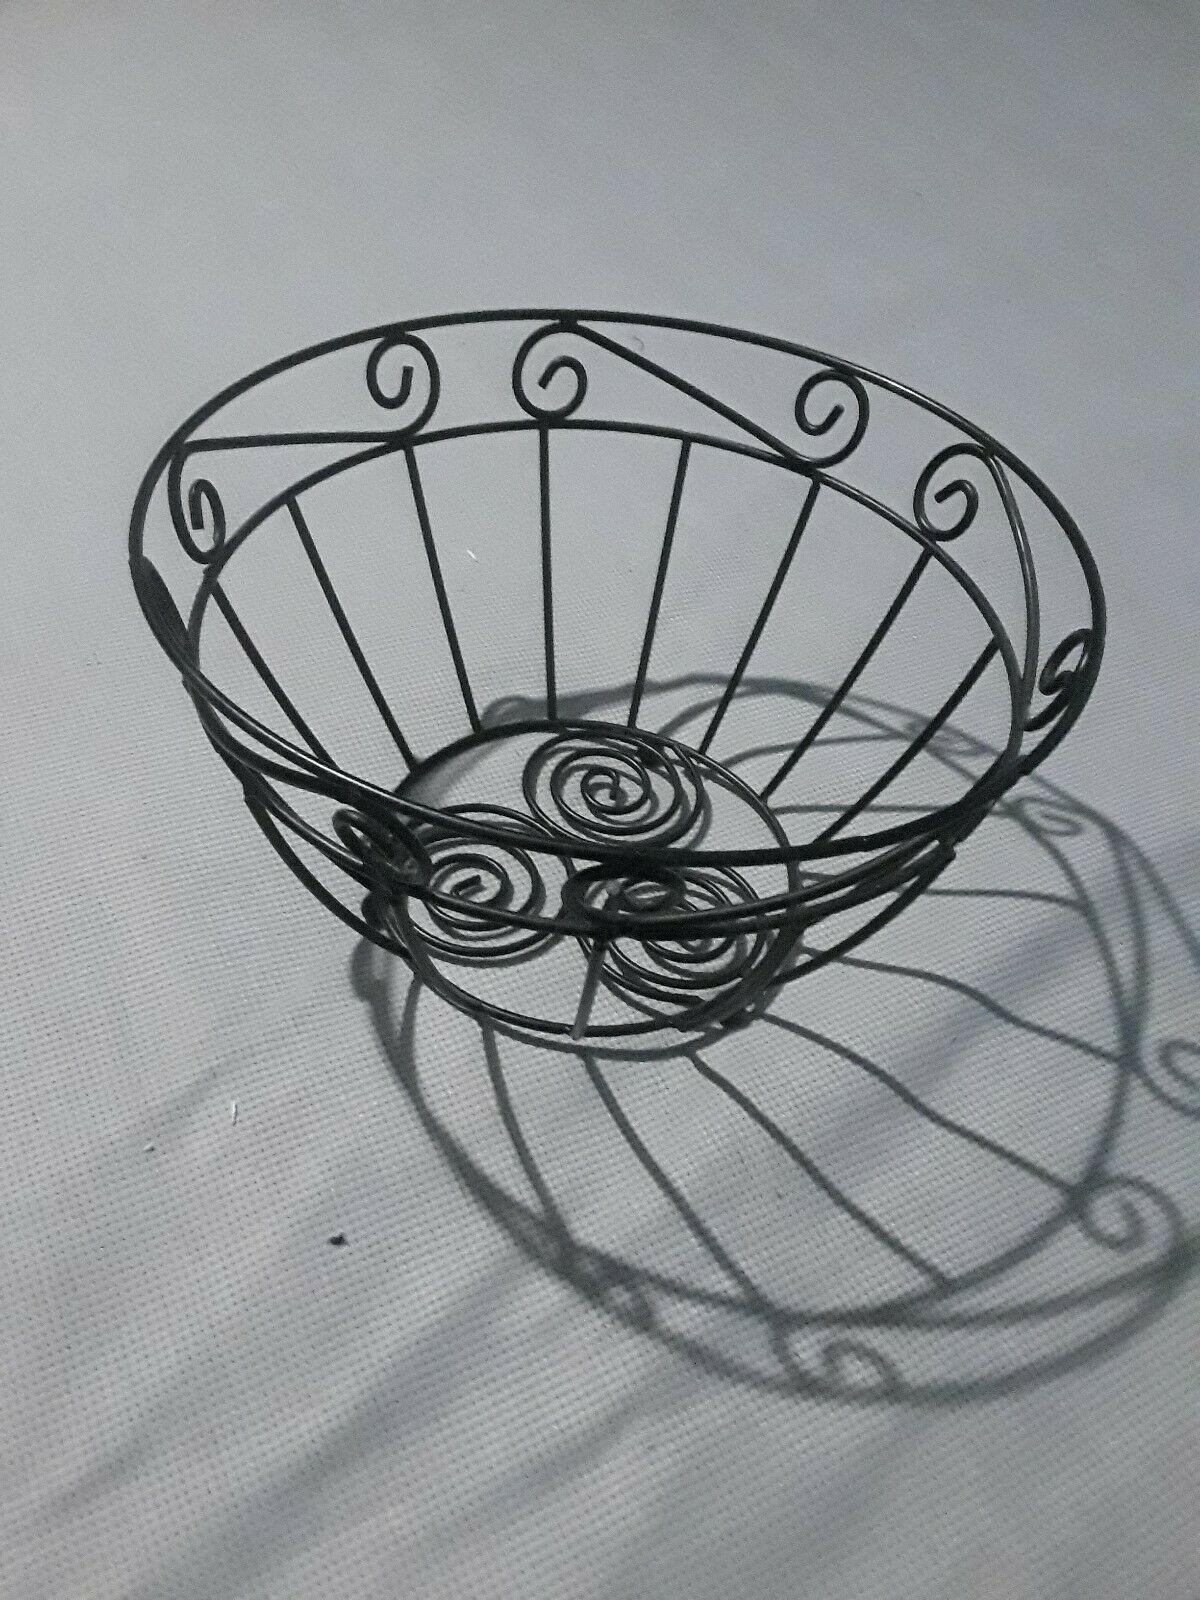 Vintage Metal Fruit Bowl Homedecor Decorative Plates Bowls